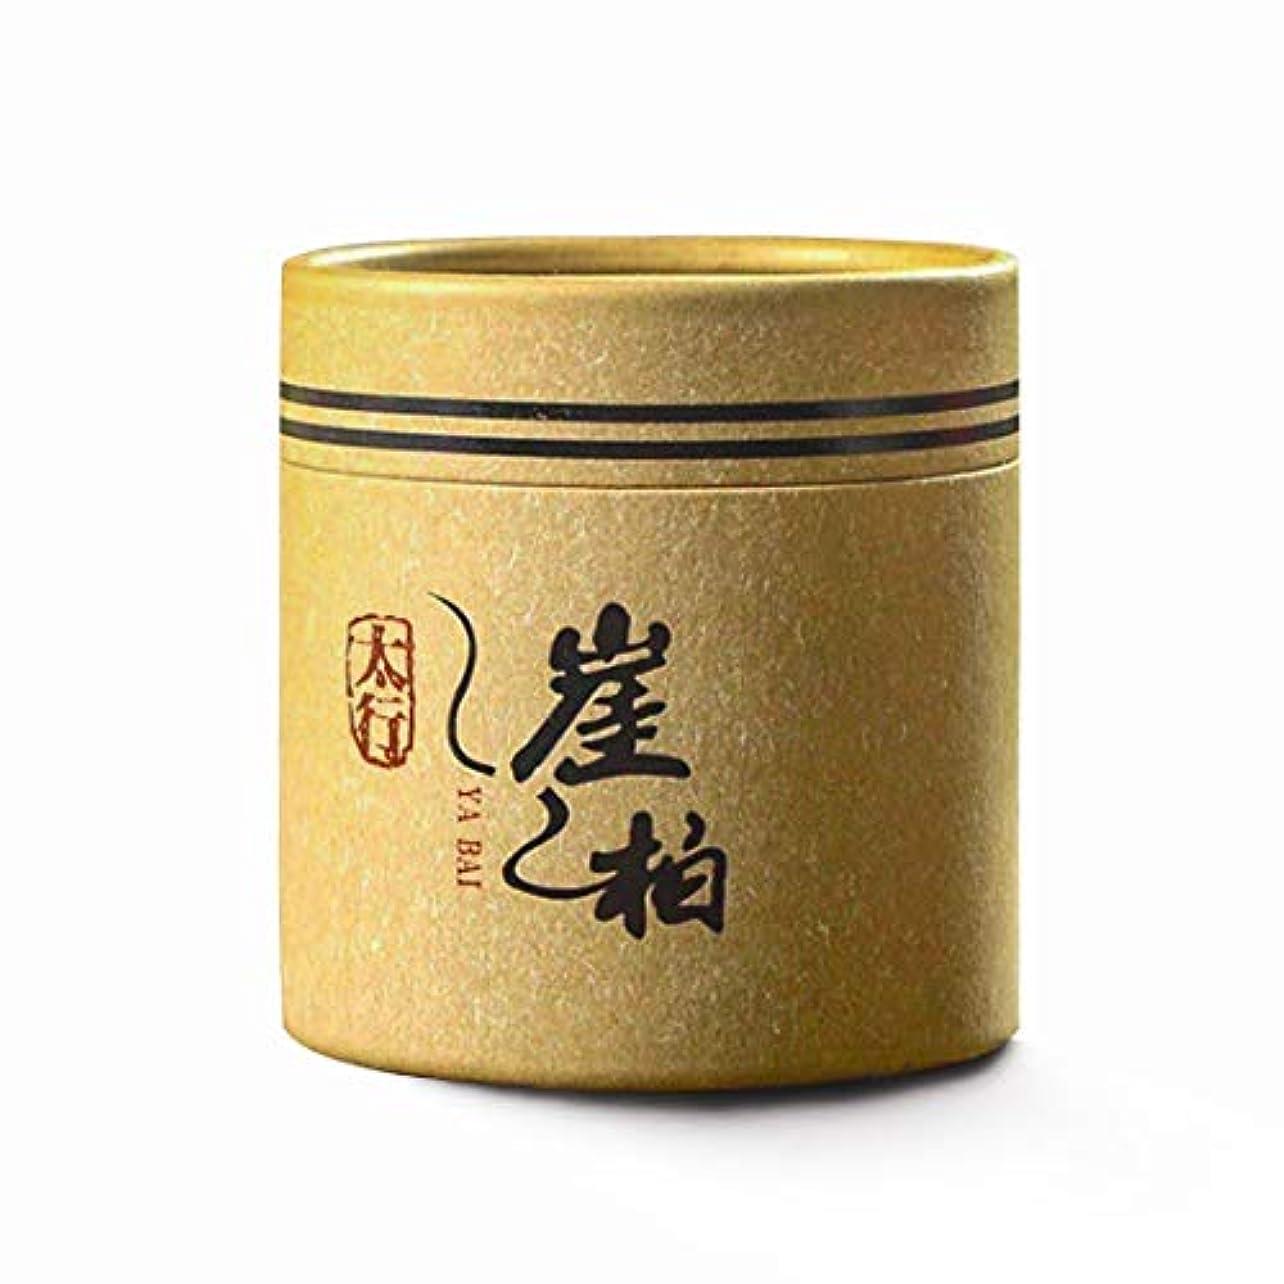 熱望するサドル狭いHwagui お香 陈化崖柏 優しい香り 渦巻き線香 4時間盤香 48巻入